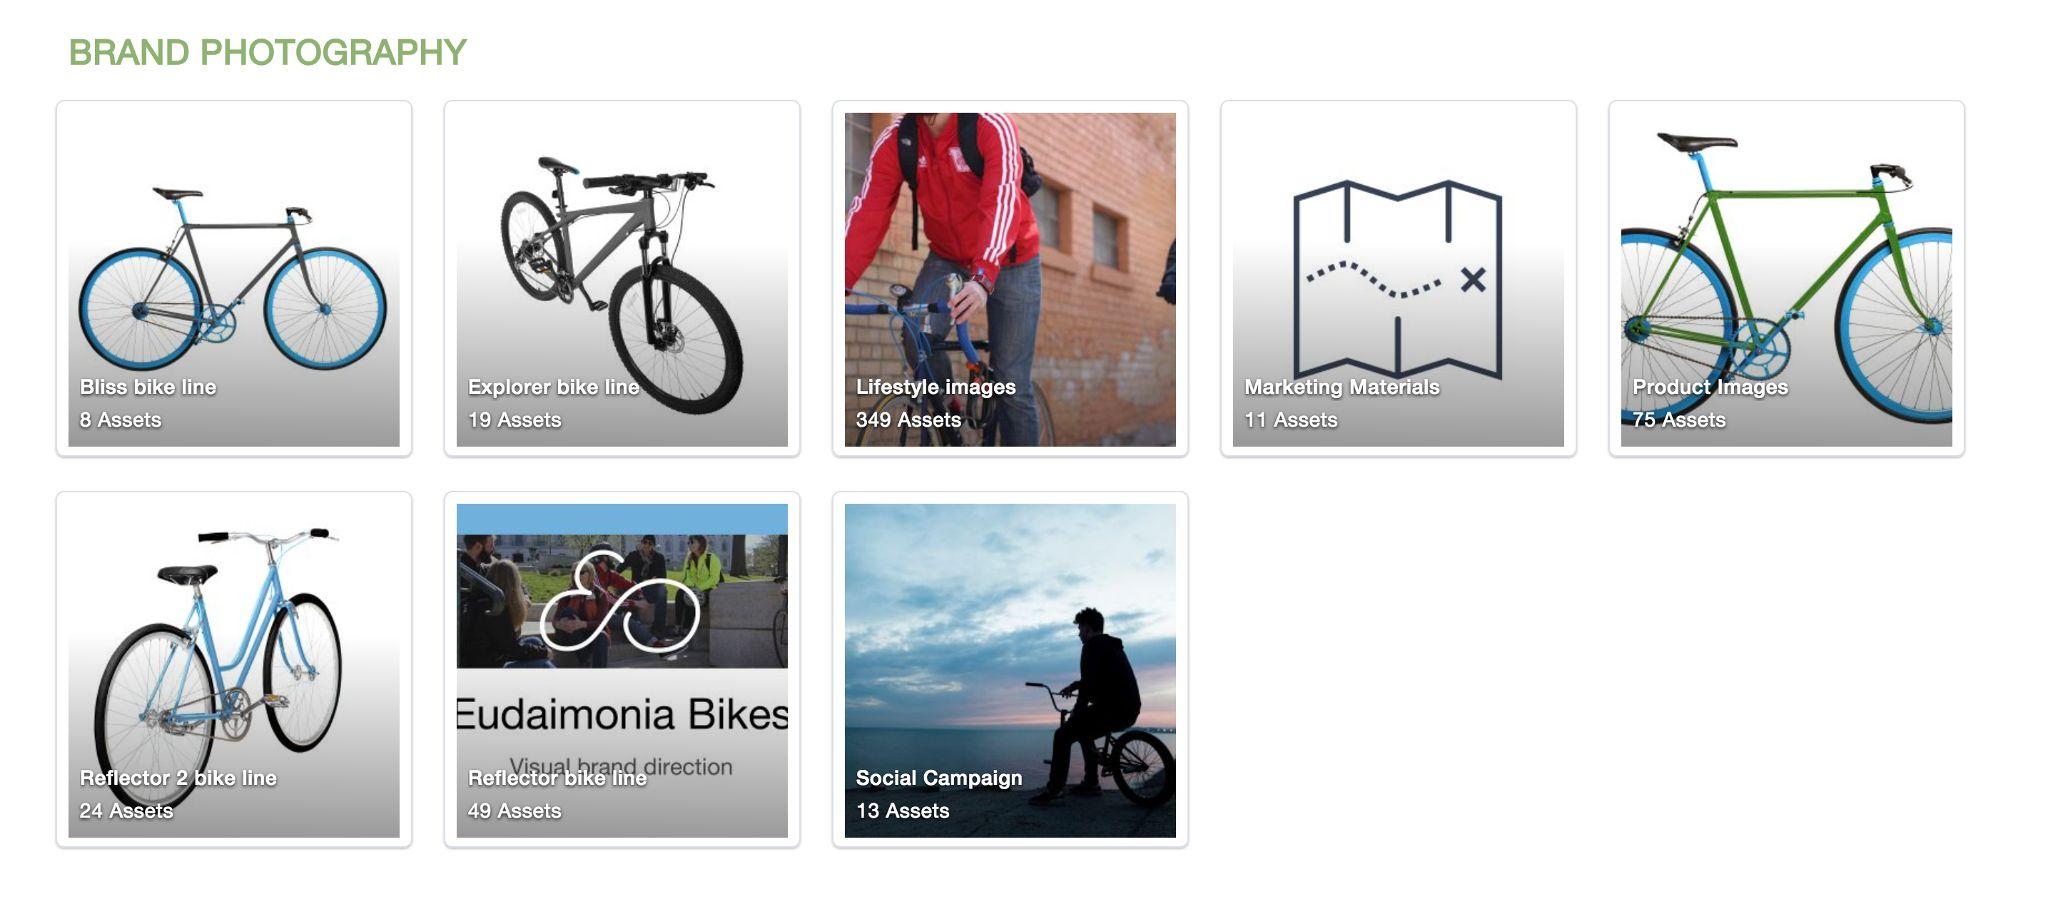 Eudaimonia-Bikes-Brand-Kit-Brand-Photography